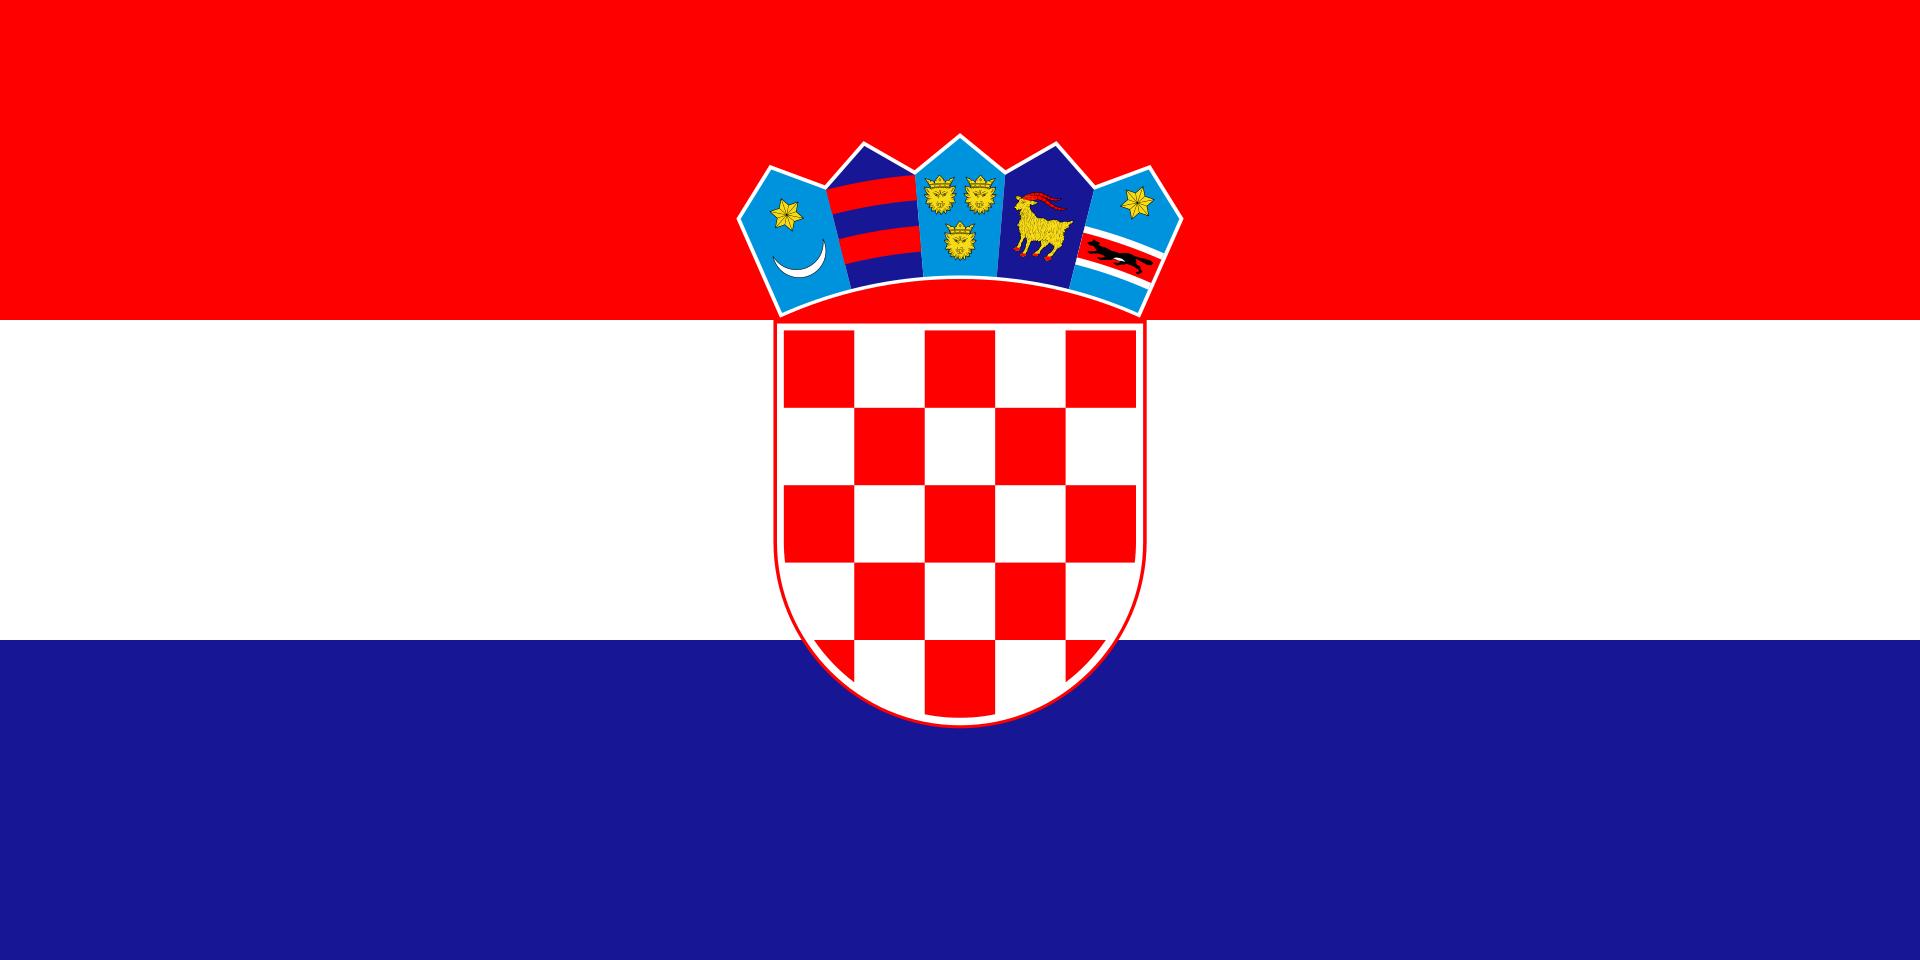 Chorwacja Flaga - Liczba skoczni w grze Deluxe Ski Jump 4 rośnie [AKTUALNA LISTA]